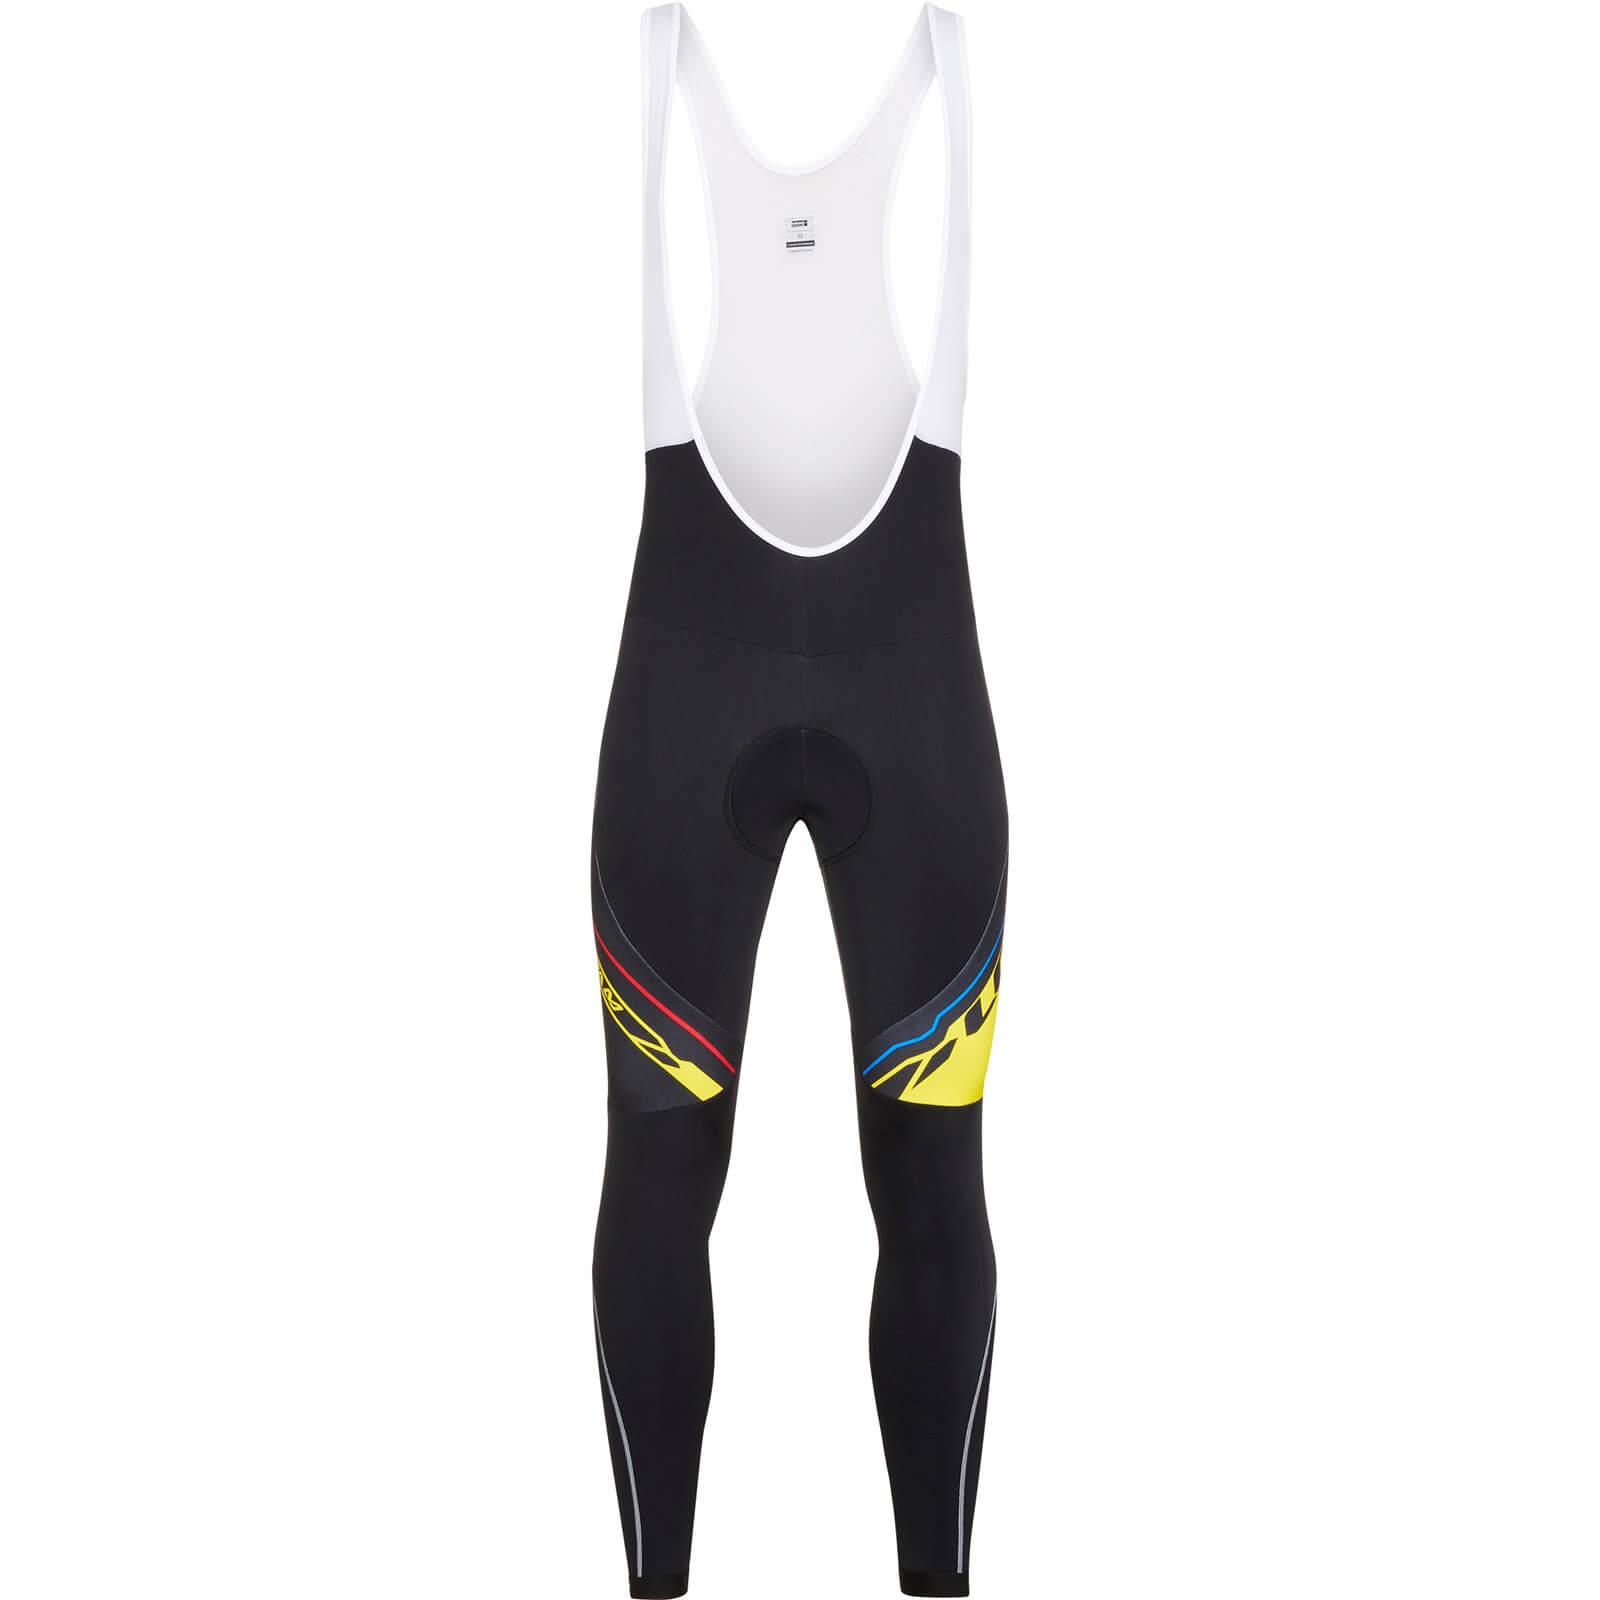 Look Pro Team Bib Tights - Replica - M - Black/White